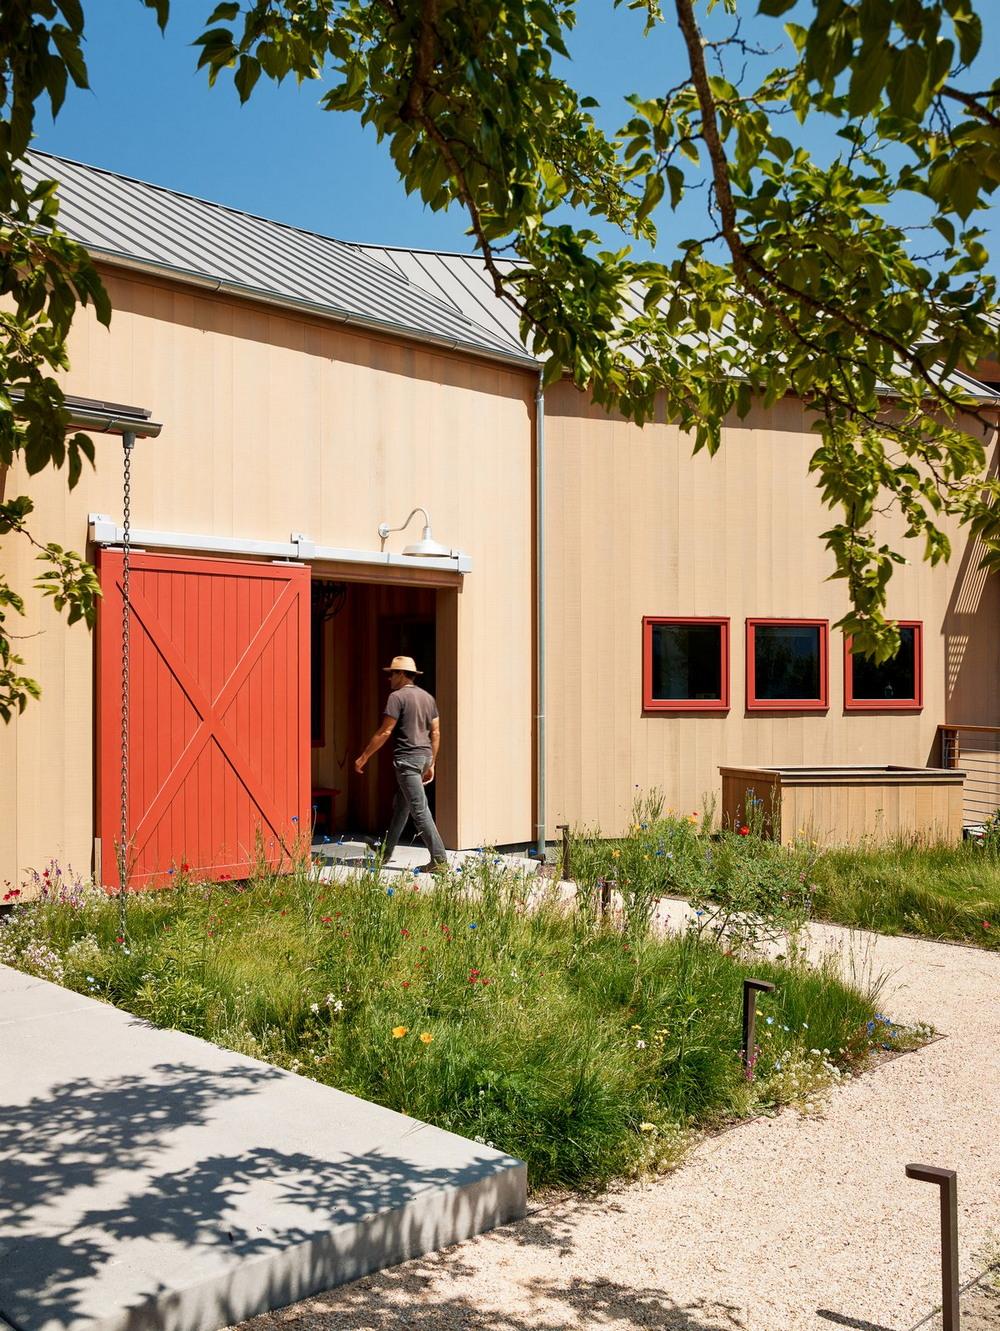 Дом-амбар на ранчо в Калифорнии материалы, находится, двери, участка, стороны, Компания, занавеска, освещается, кухня, комнатой, Смежная, банкетный, превращает, моментально, помещение, легкая, потолочному, мультифункциональное, этажа, высотой